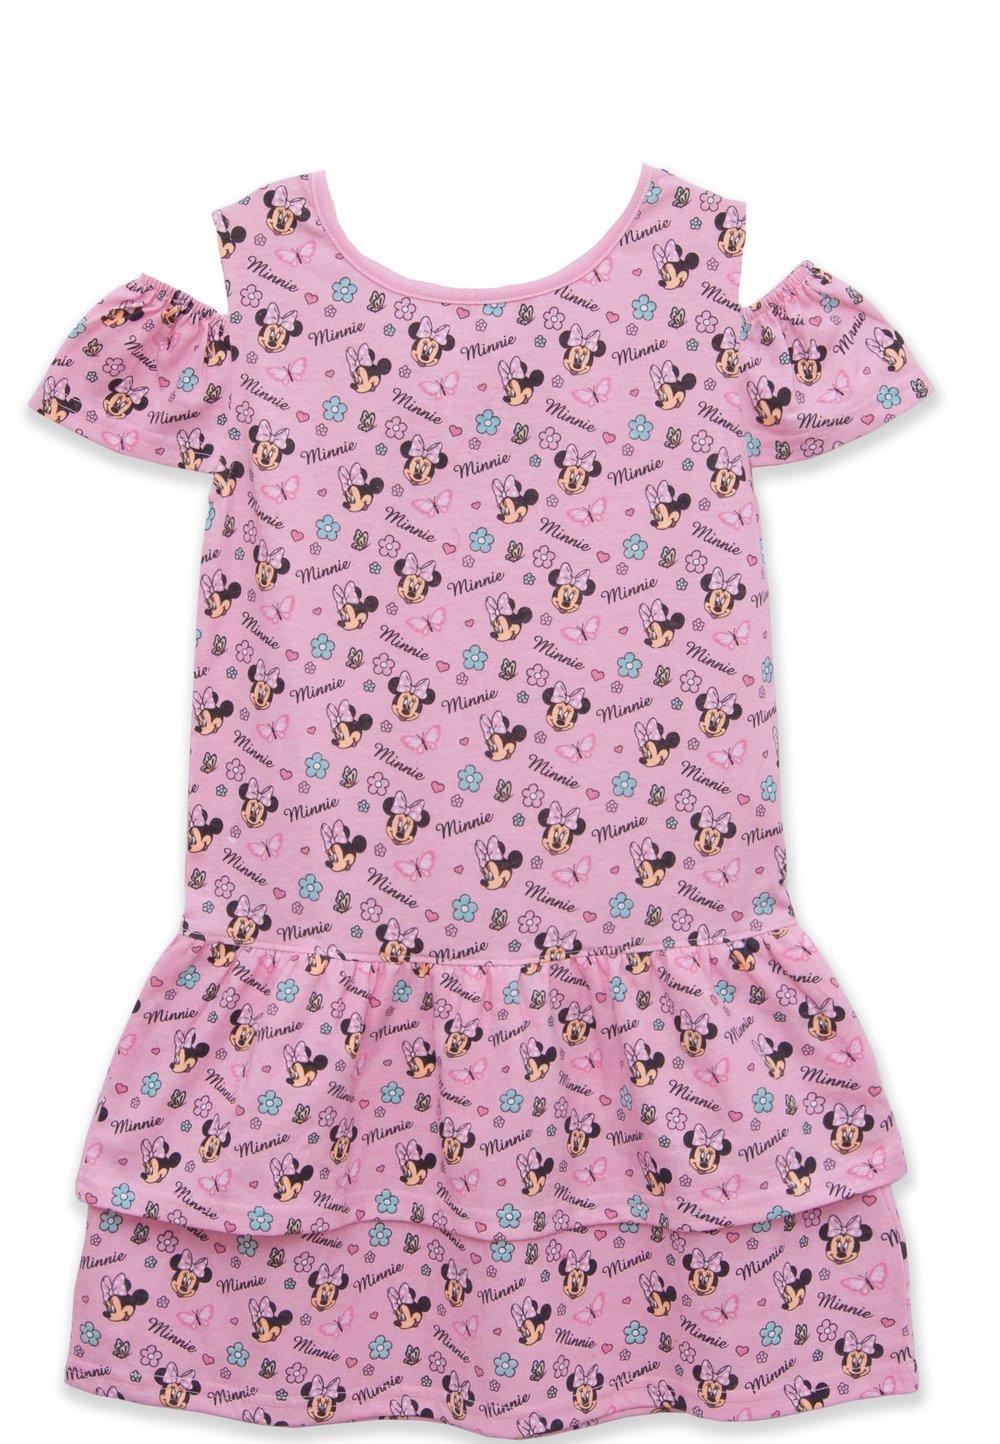 Rochie fetite, cu figurine Minnie Mouse, roz imagine